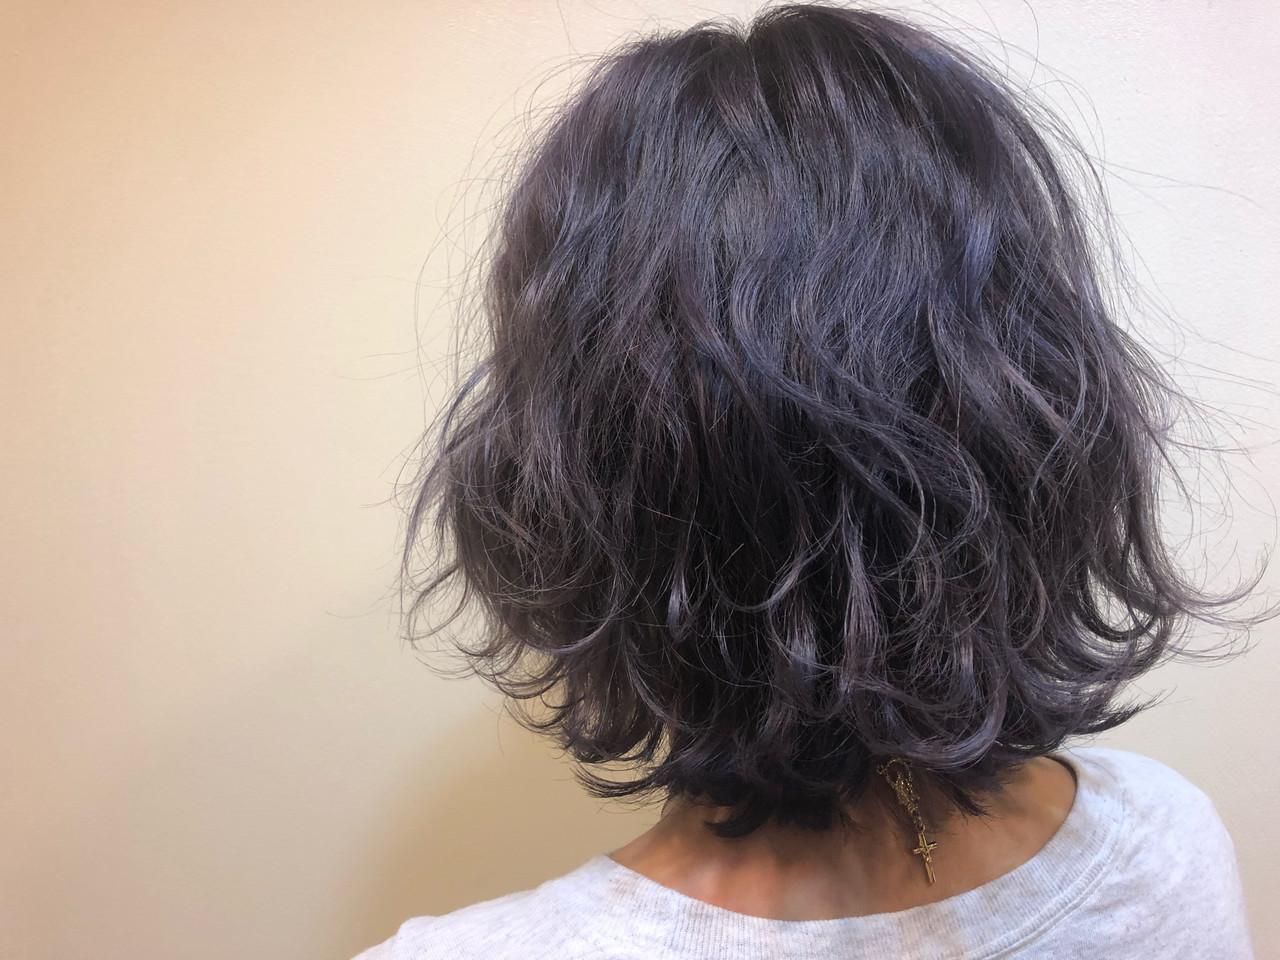 うる艶カラー ストリート パープルアッシュ 波巻き ヘアスタイルや髪型の写真・画像